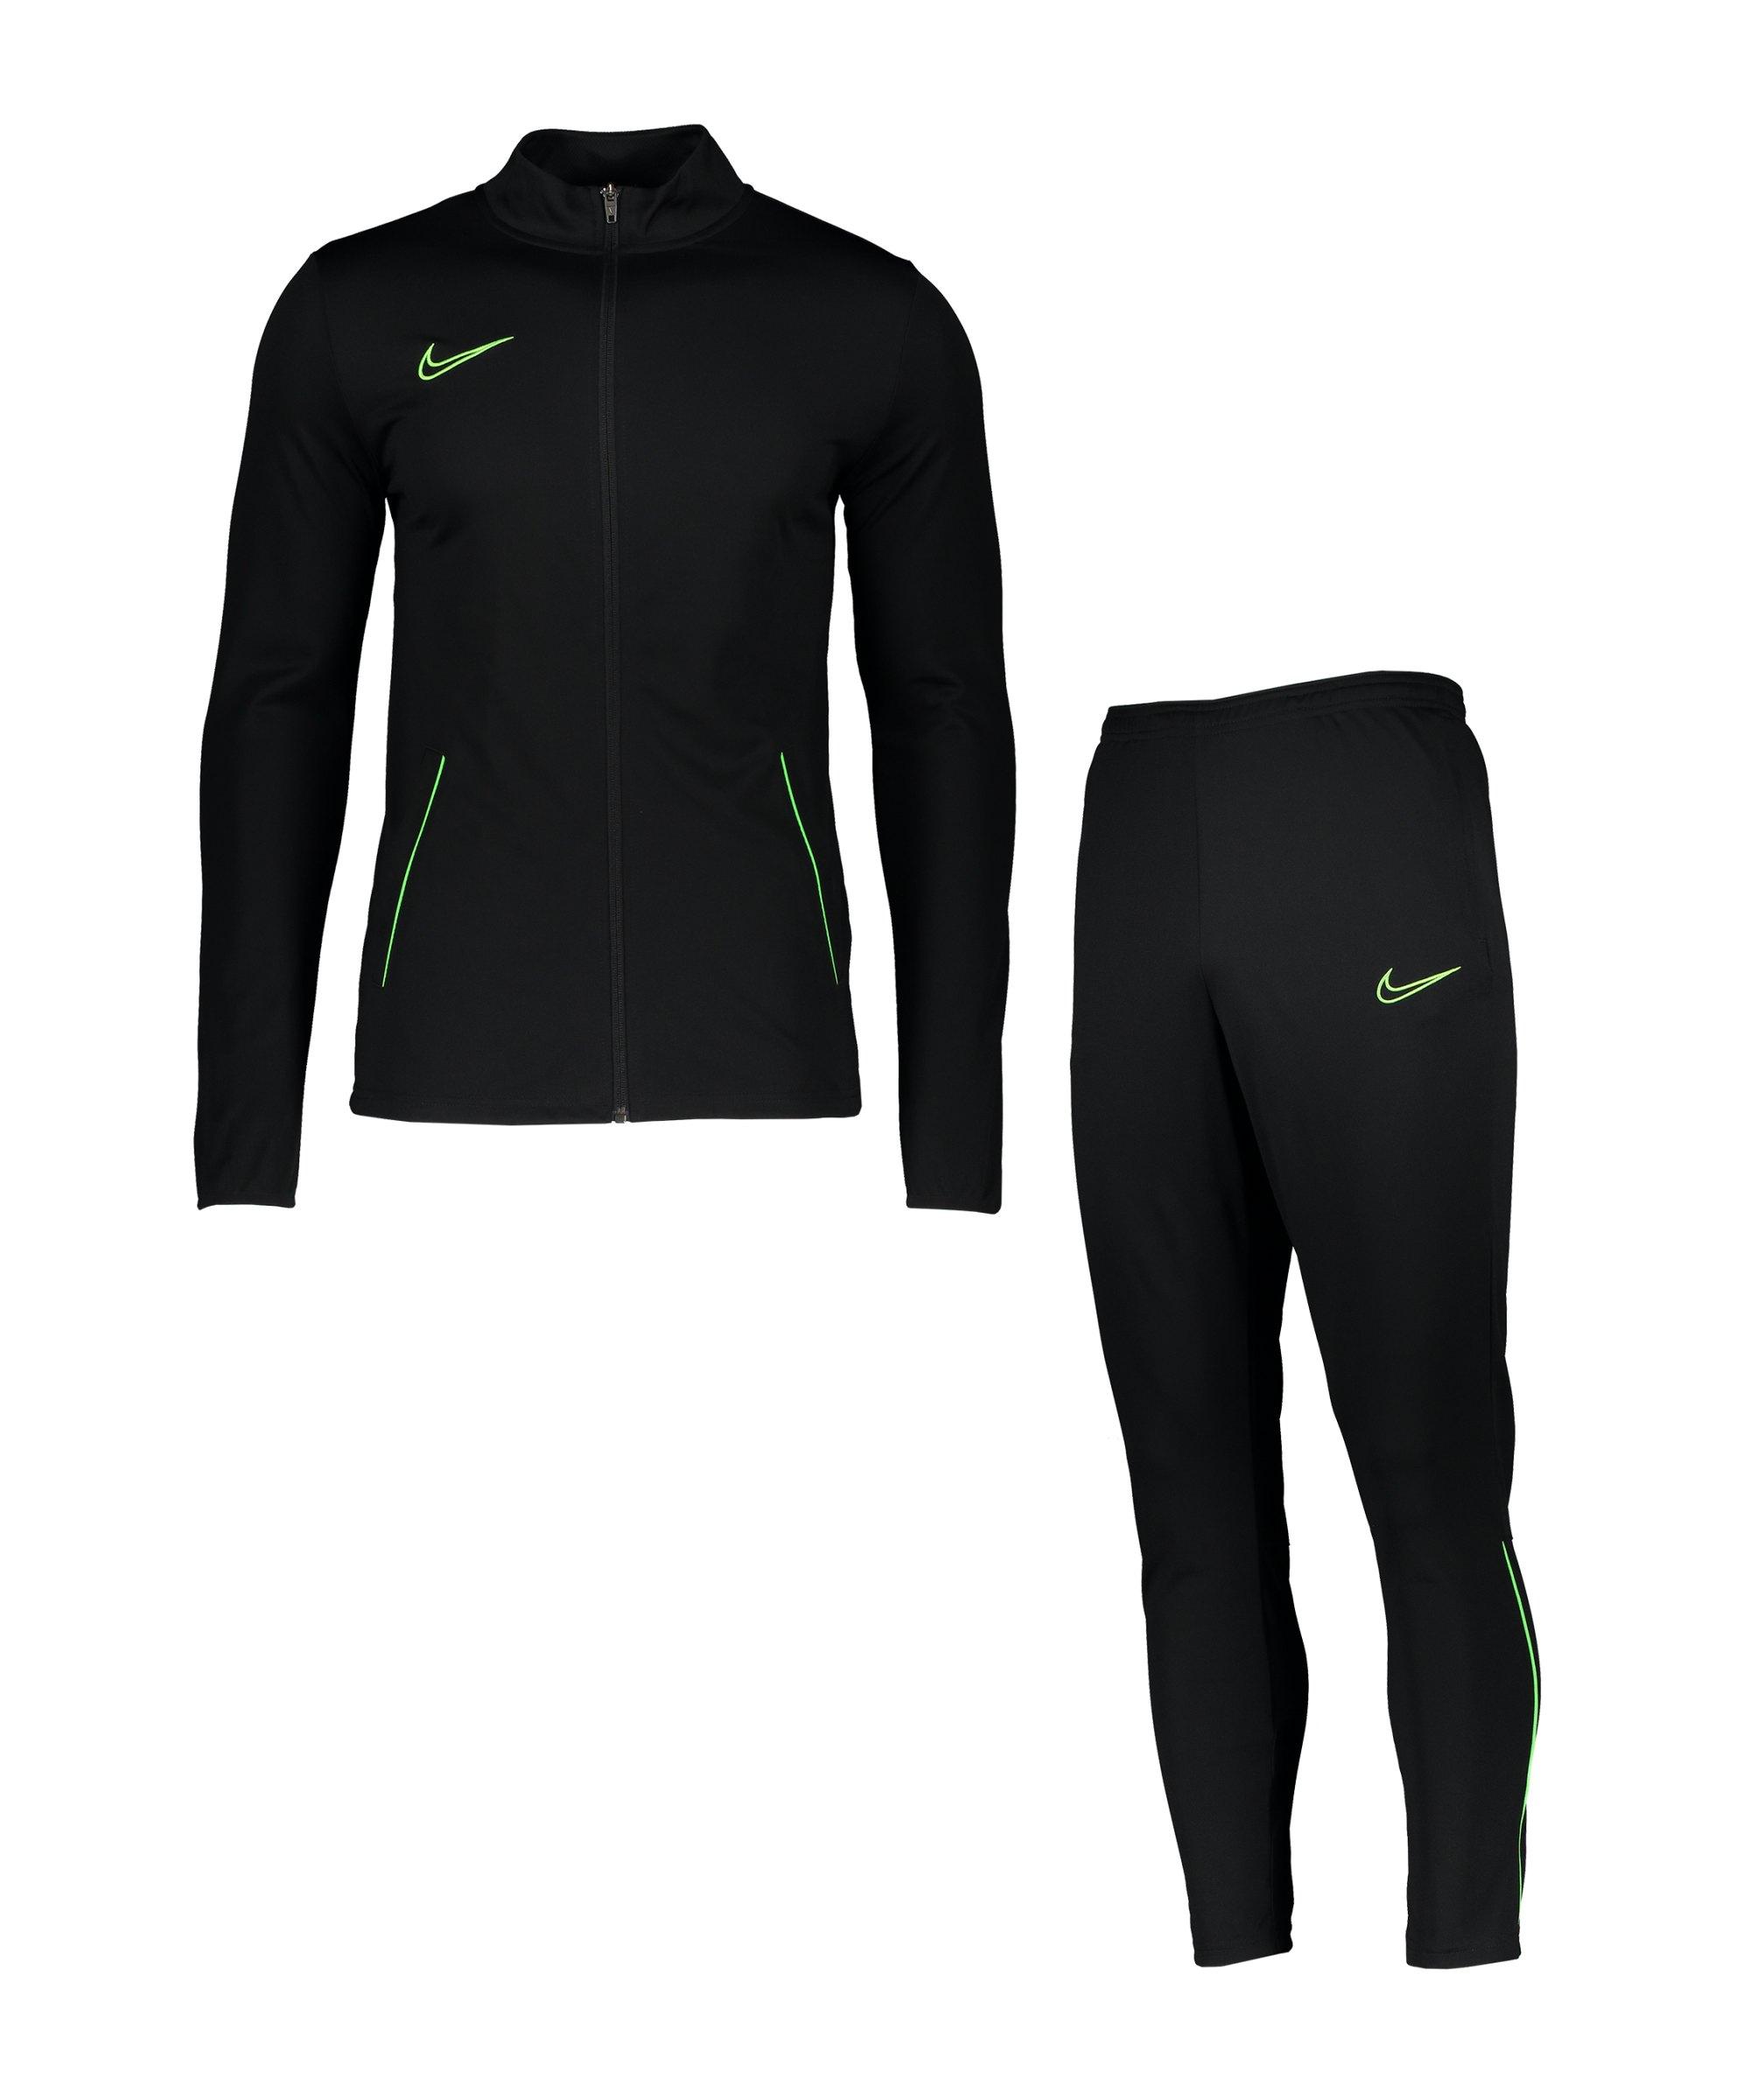 Nike Academy 21 Trainingsanzug Schwarz Grün F013 - schwarz